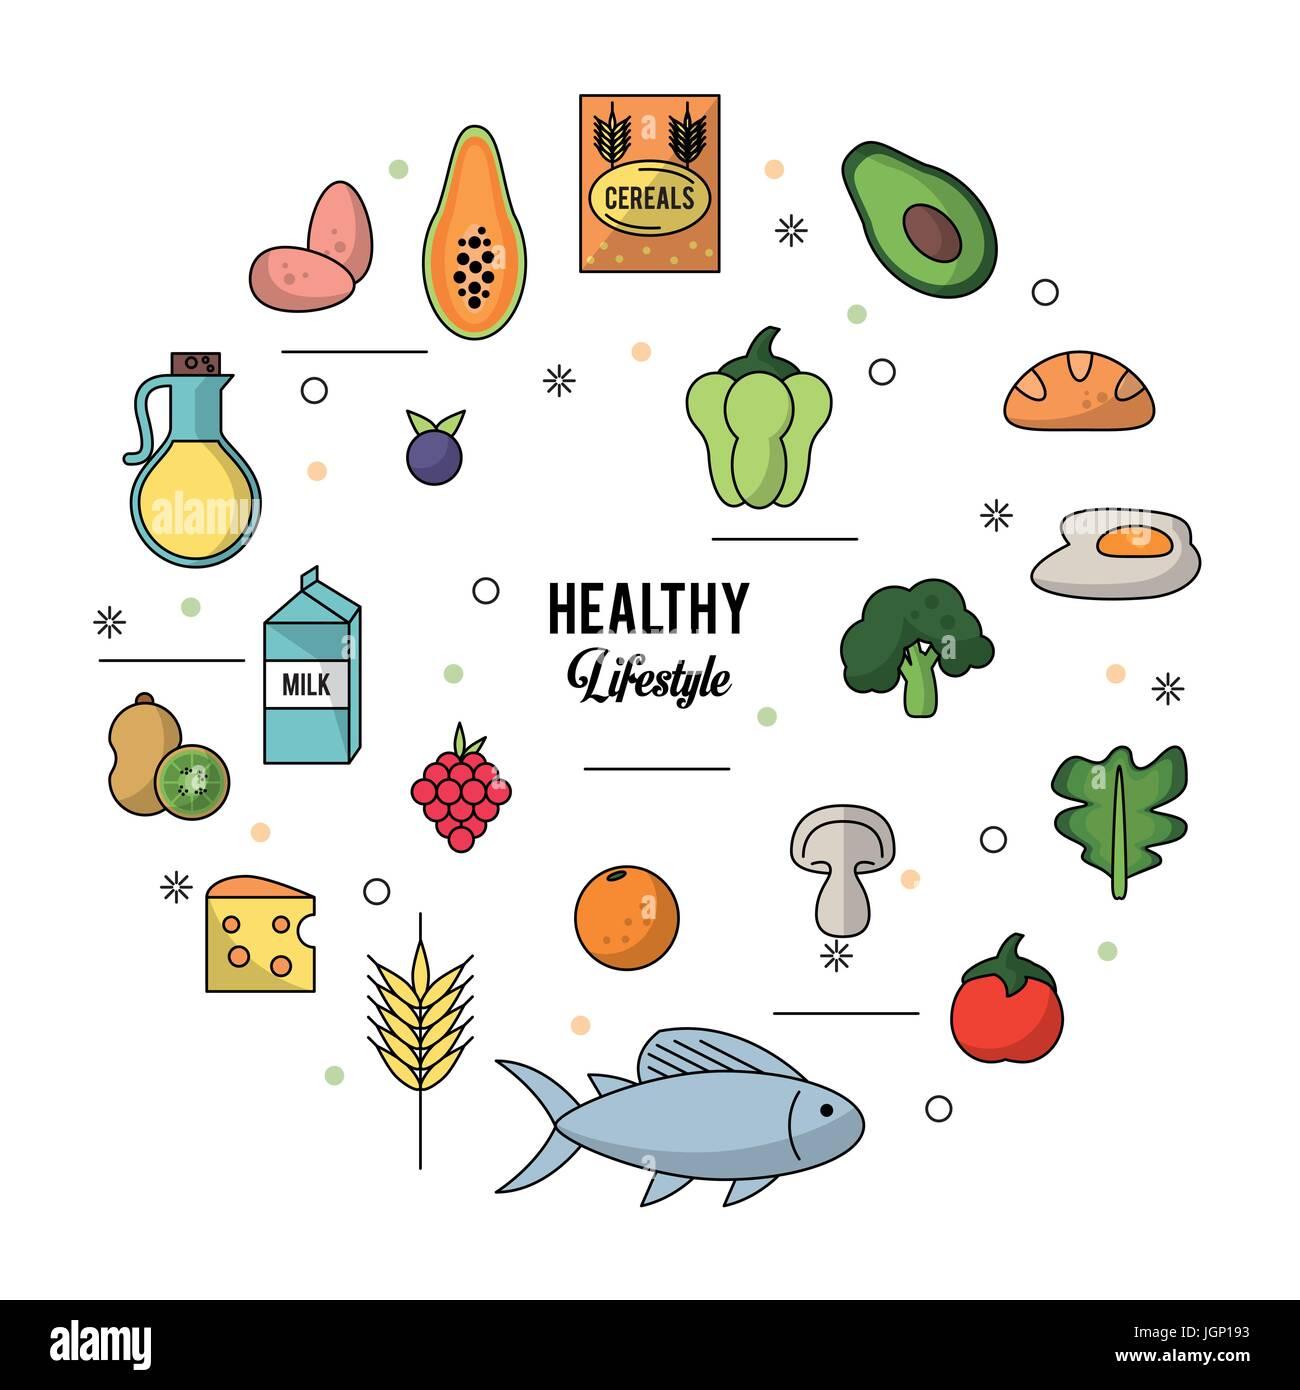 weißen Hintergrund eines gesunden Lebensstils mit bunte Reihe von Lebensmitteln Stockbild